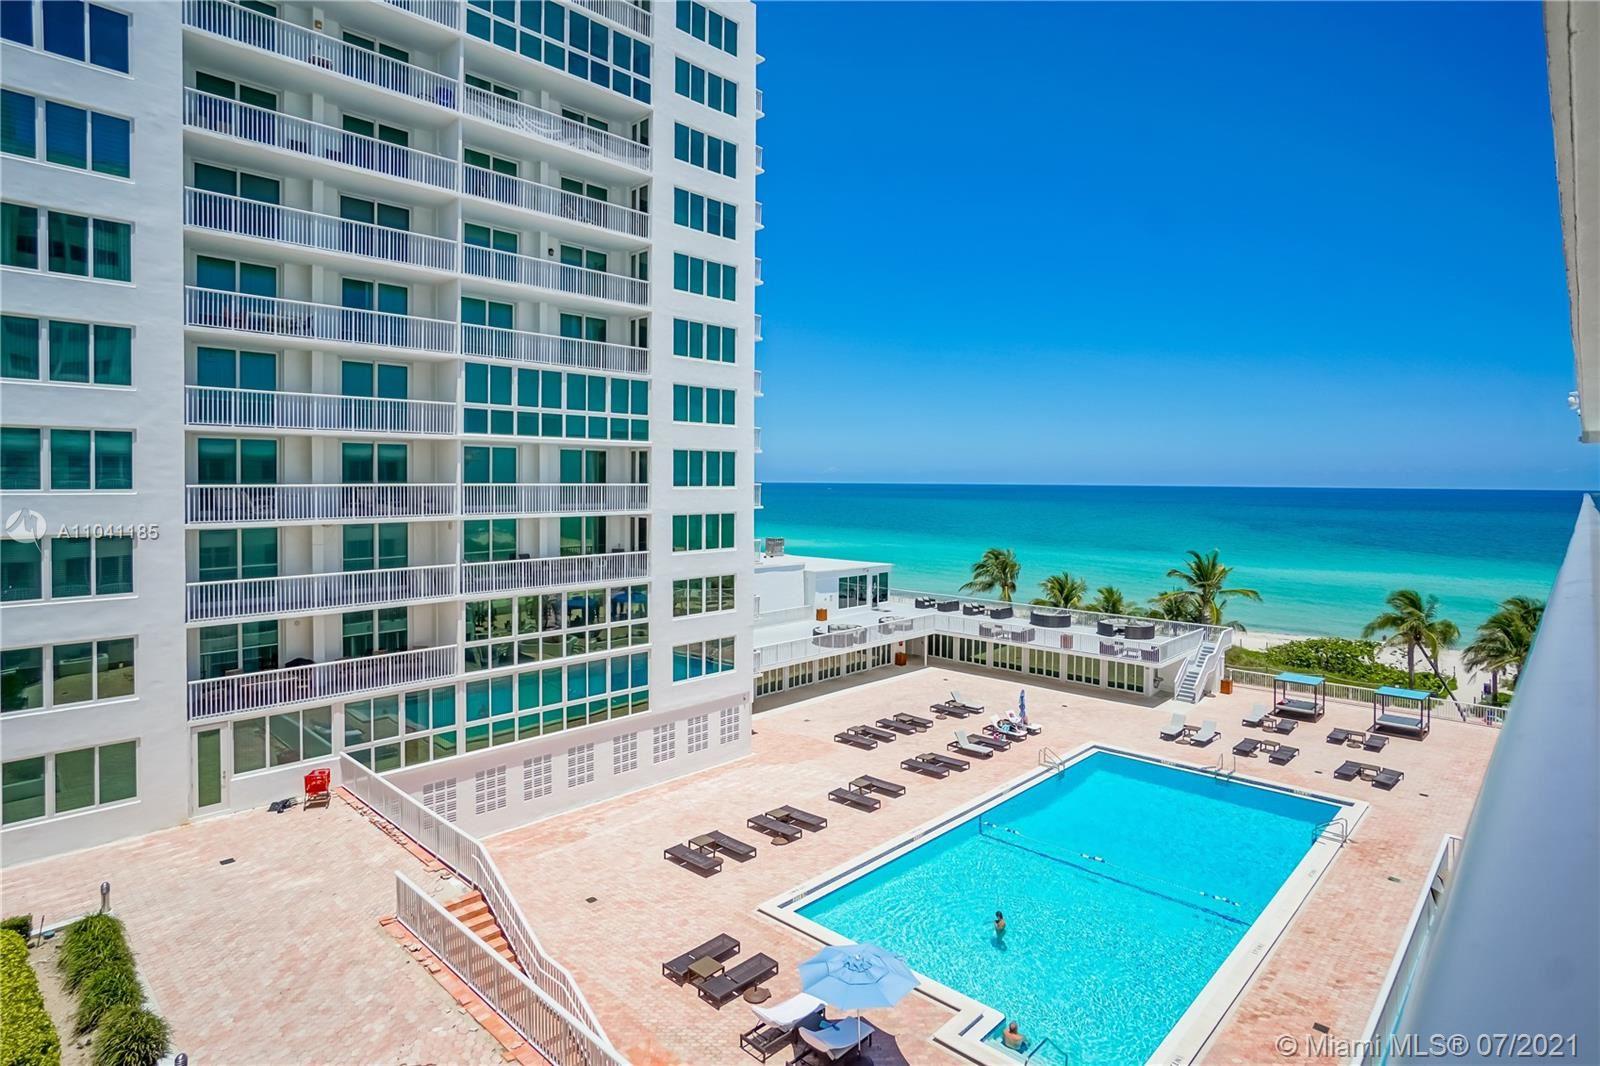 5401 Collins Ave #345, Miami Beach, FL 33140 - #: A11041185